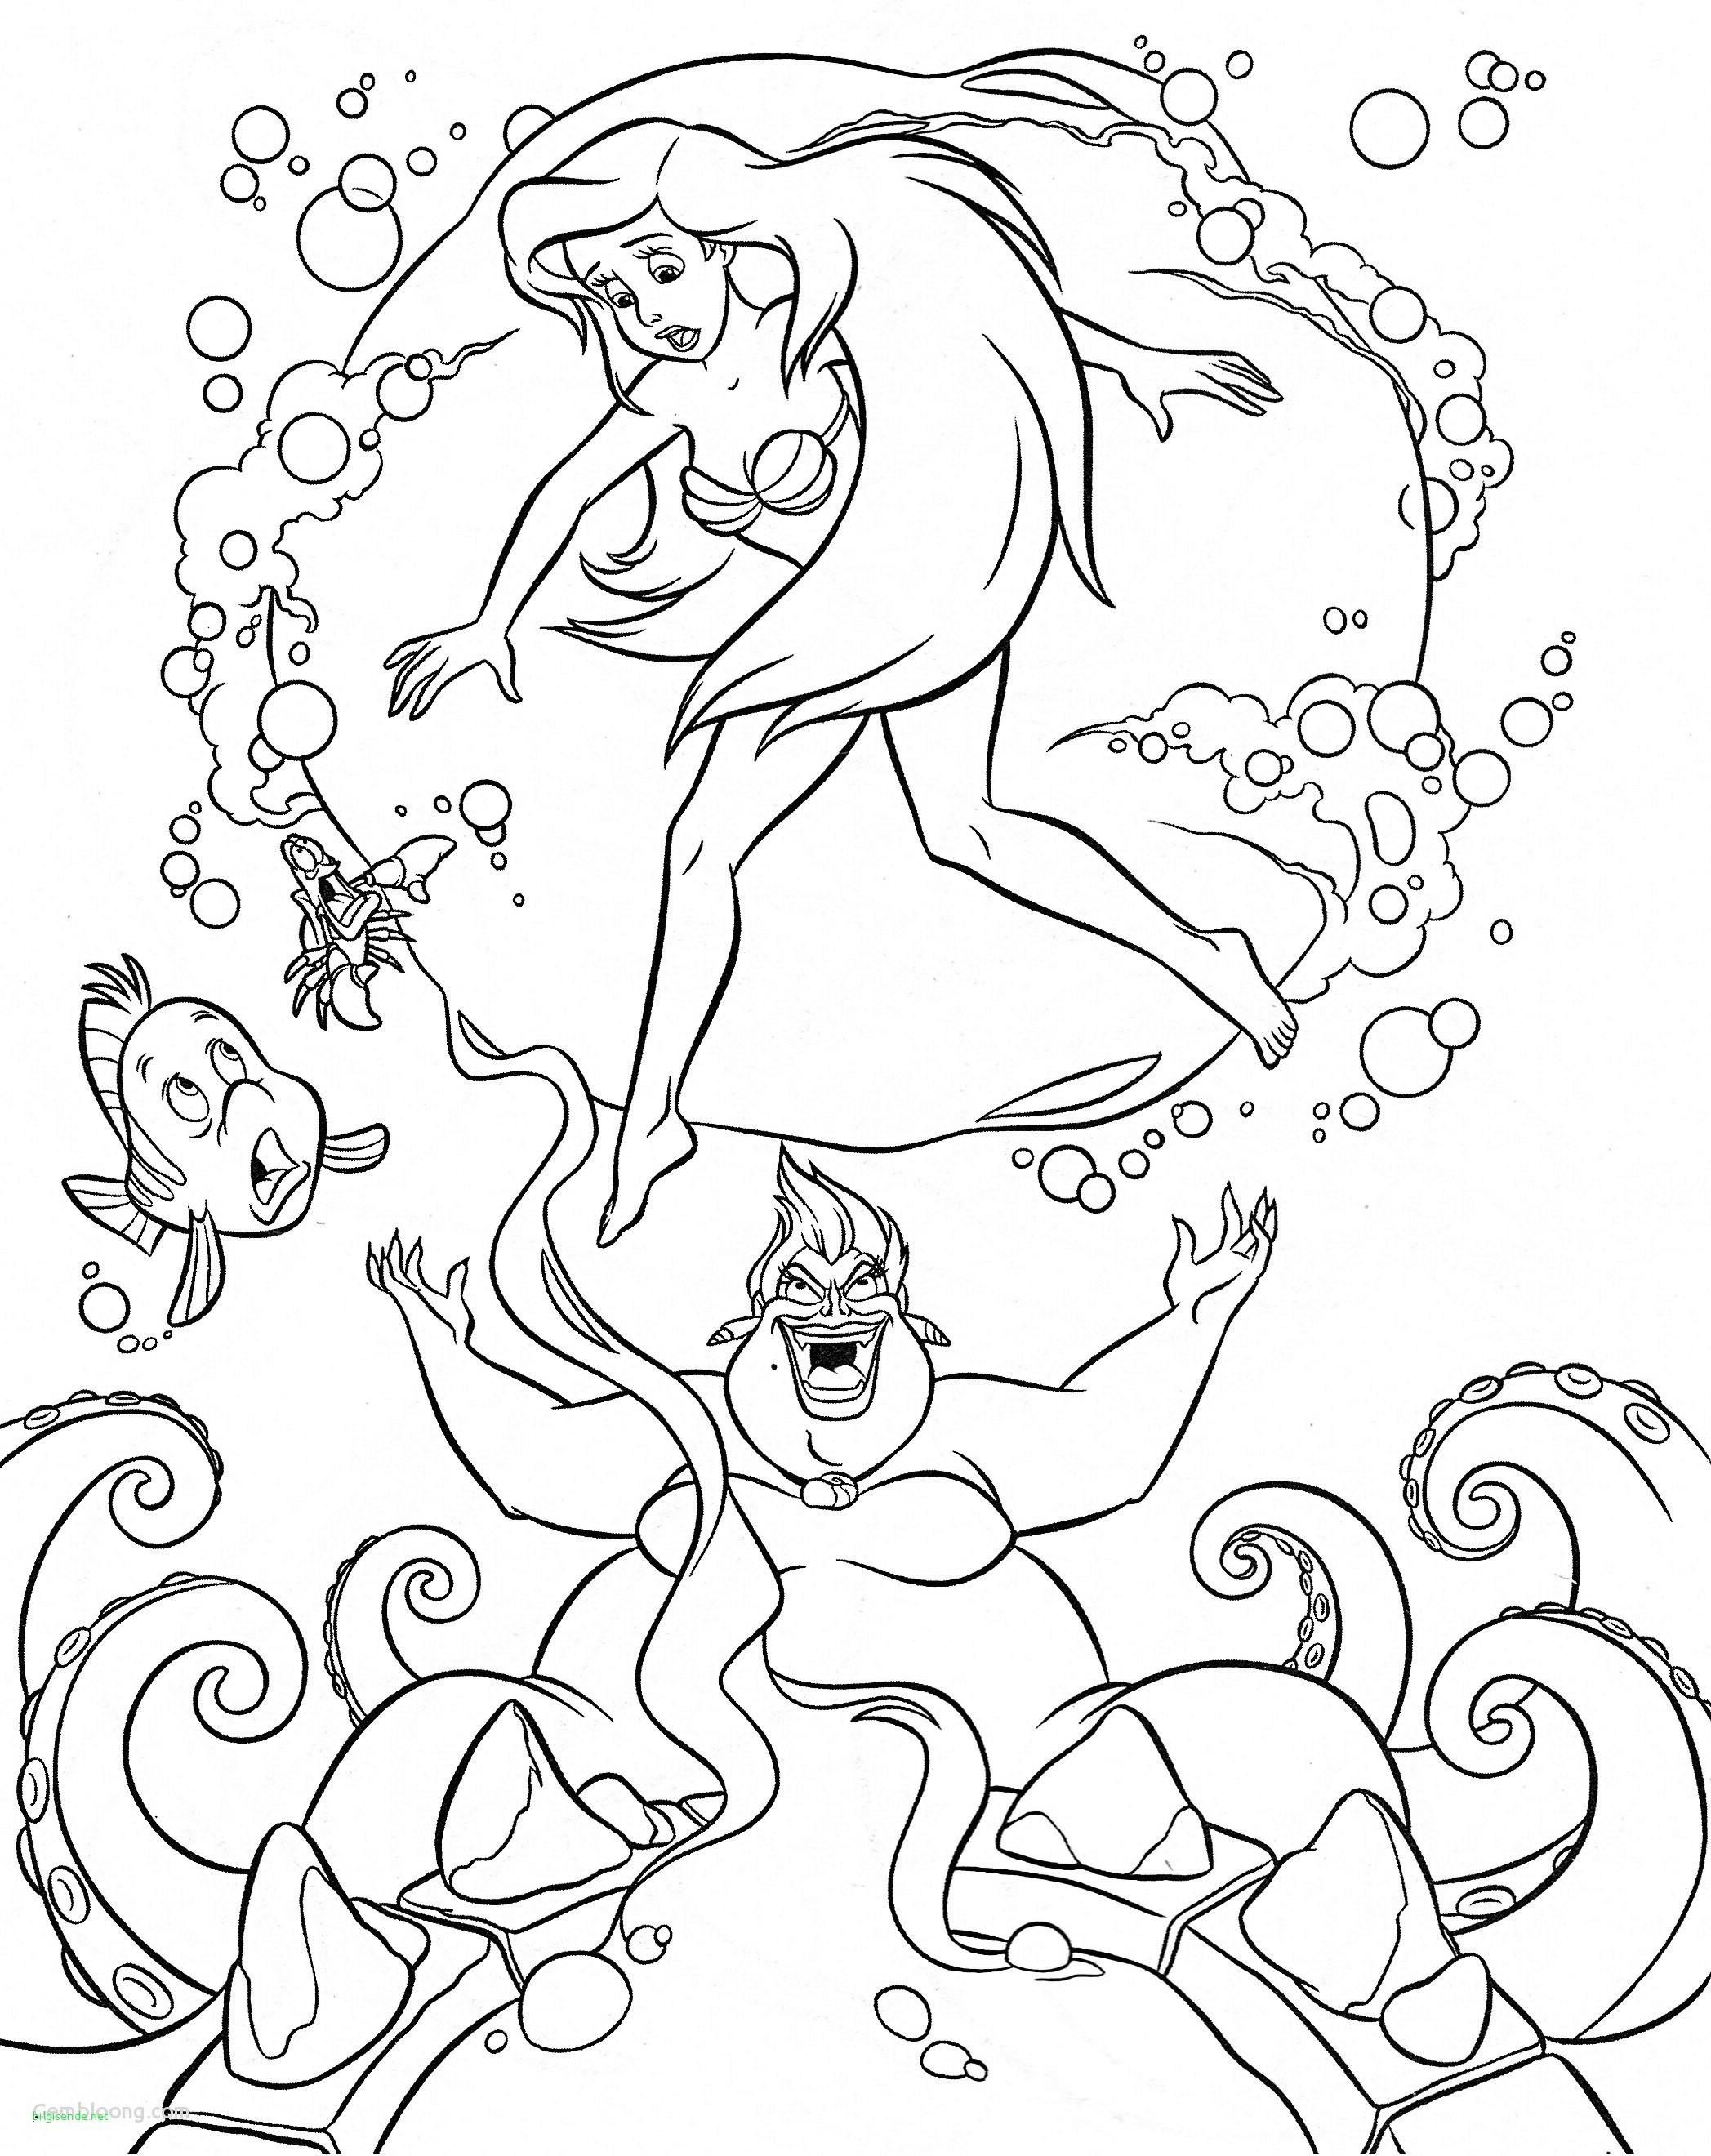 Disney Prinzessin Ausmalbild Inspirierend 40 Das Konzept Von Disney Princess Ausmalbilder Treehouse Nyc Sammlung